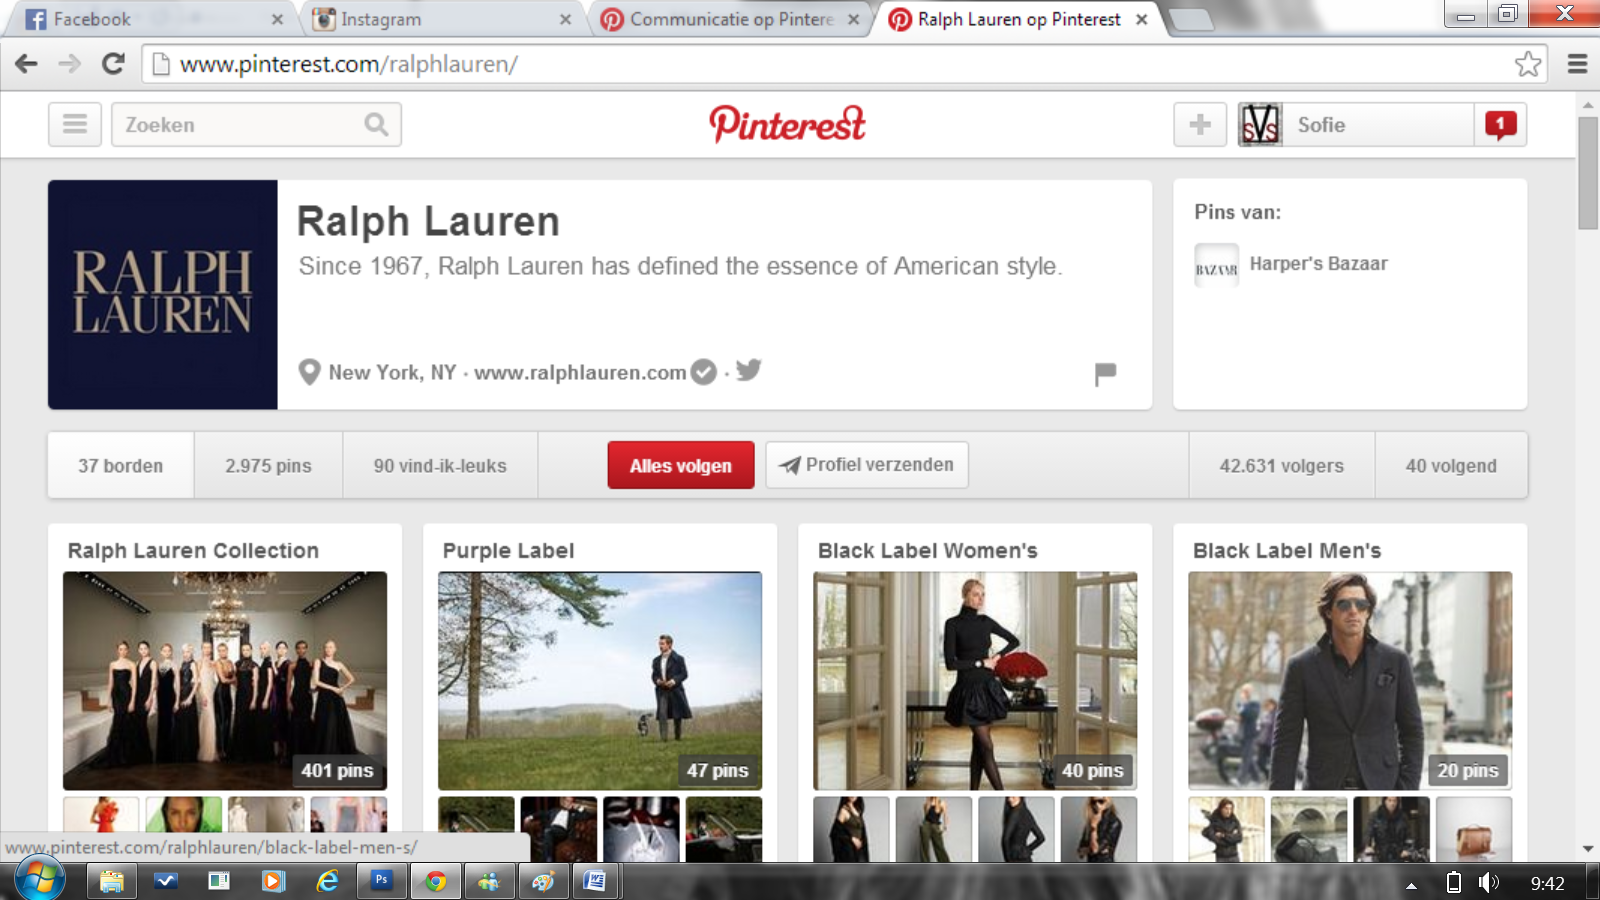 Ook Ralph Lauren gebruikt Pinterest als communicatiemiddel. Hun bord is mooi georganiseerd. Kledij wordt onderverdeeld in 'Childrenswear', 'Women' en 'Man'  http://www.pinterest.com/ralphlauren/